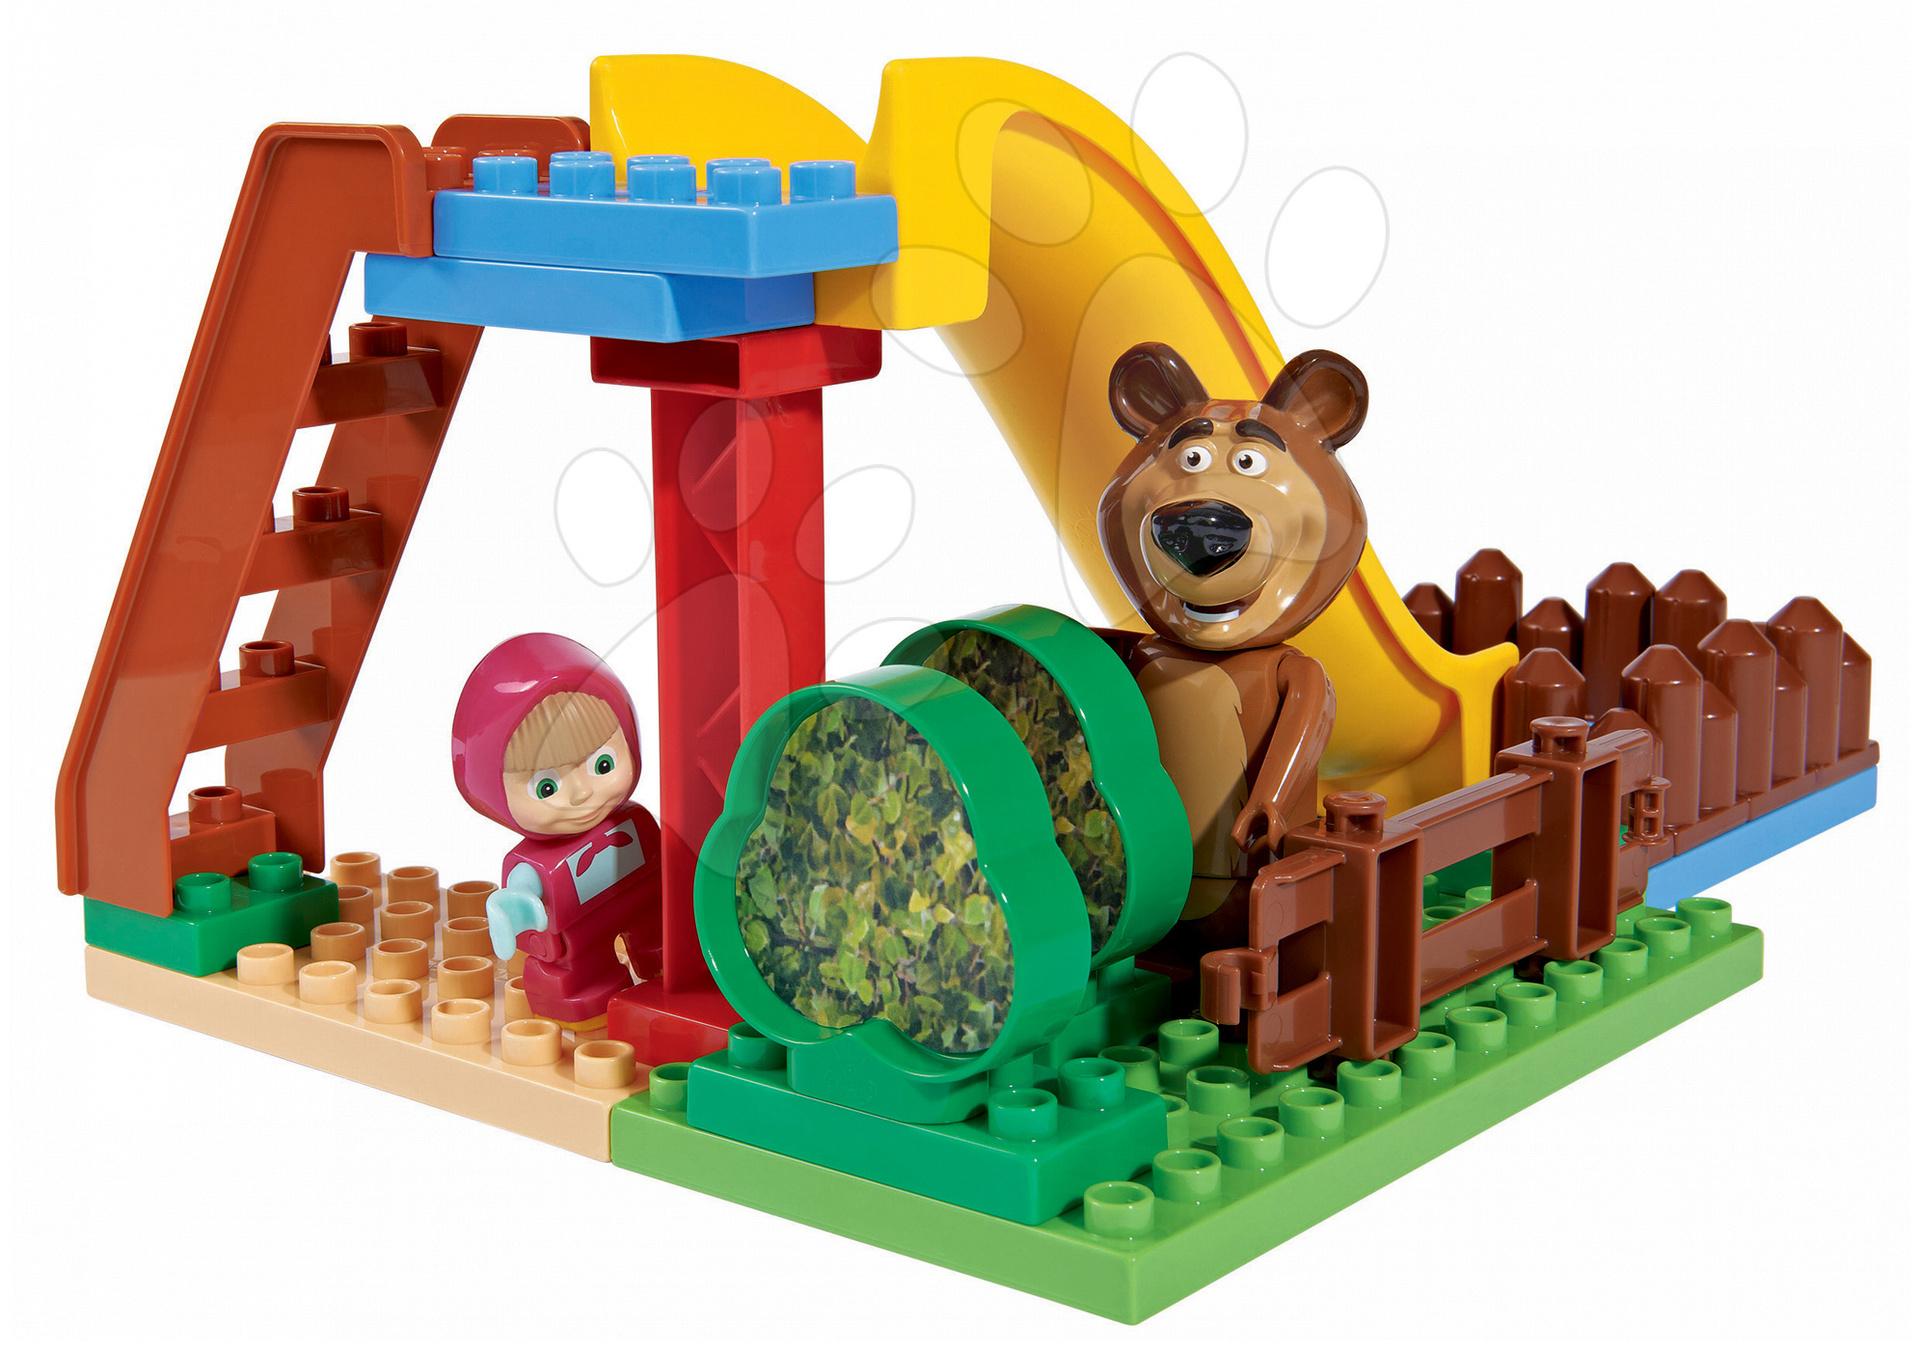 Stavebnice Máša a medvěd na skluzavce PlayBIG Bloxx BIG s 2 figurkami 29 dílů od 1,5-5 let